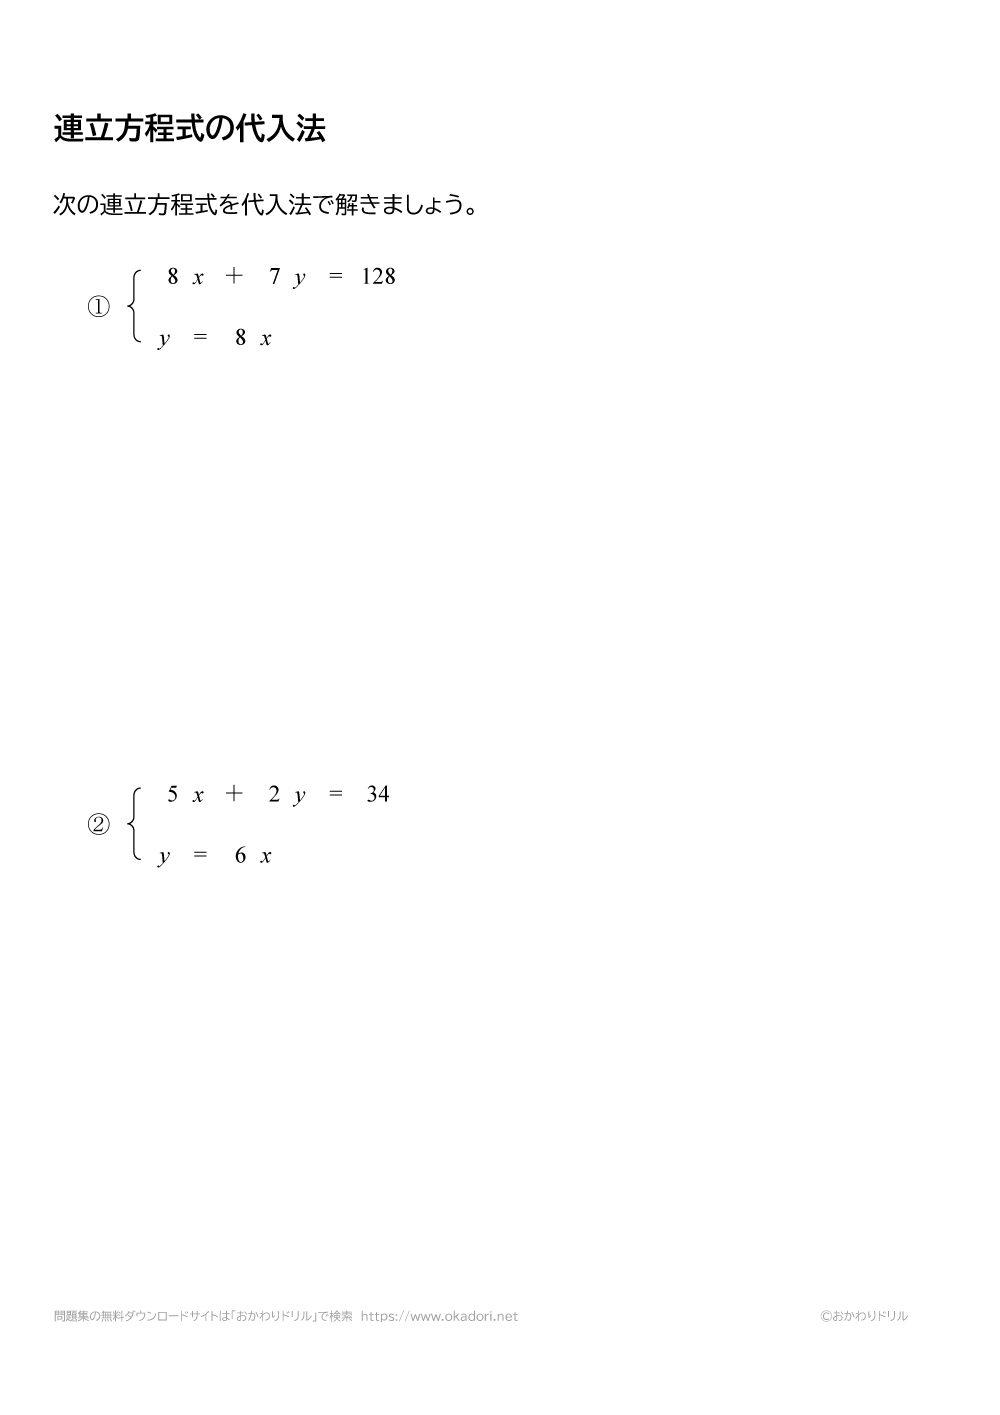 連立方程式を代入法で解く問題と答え6